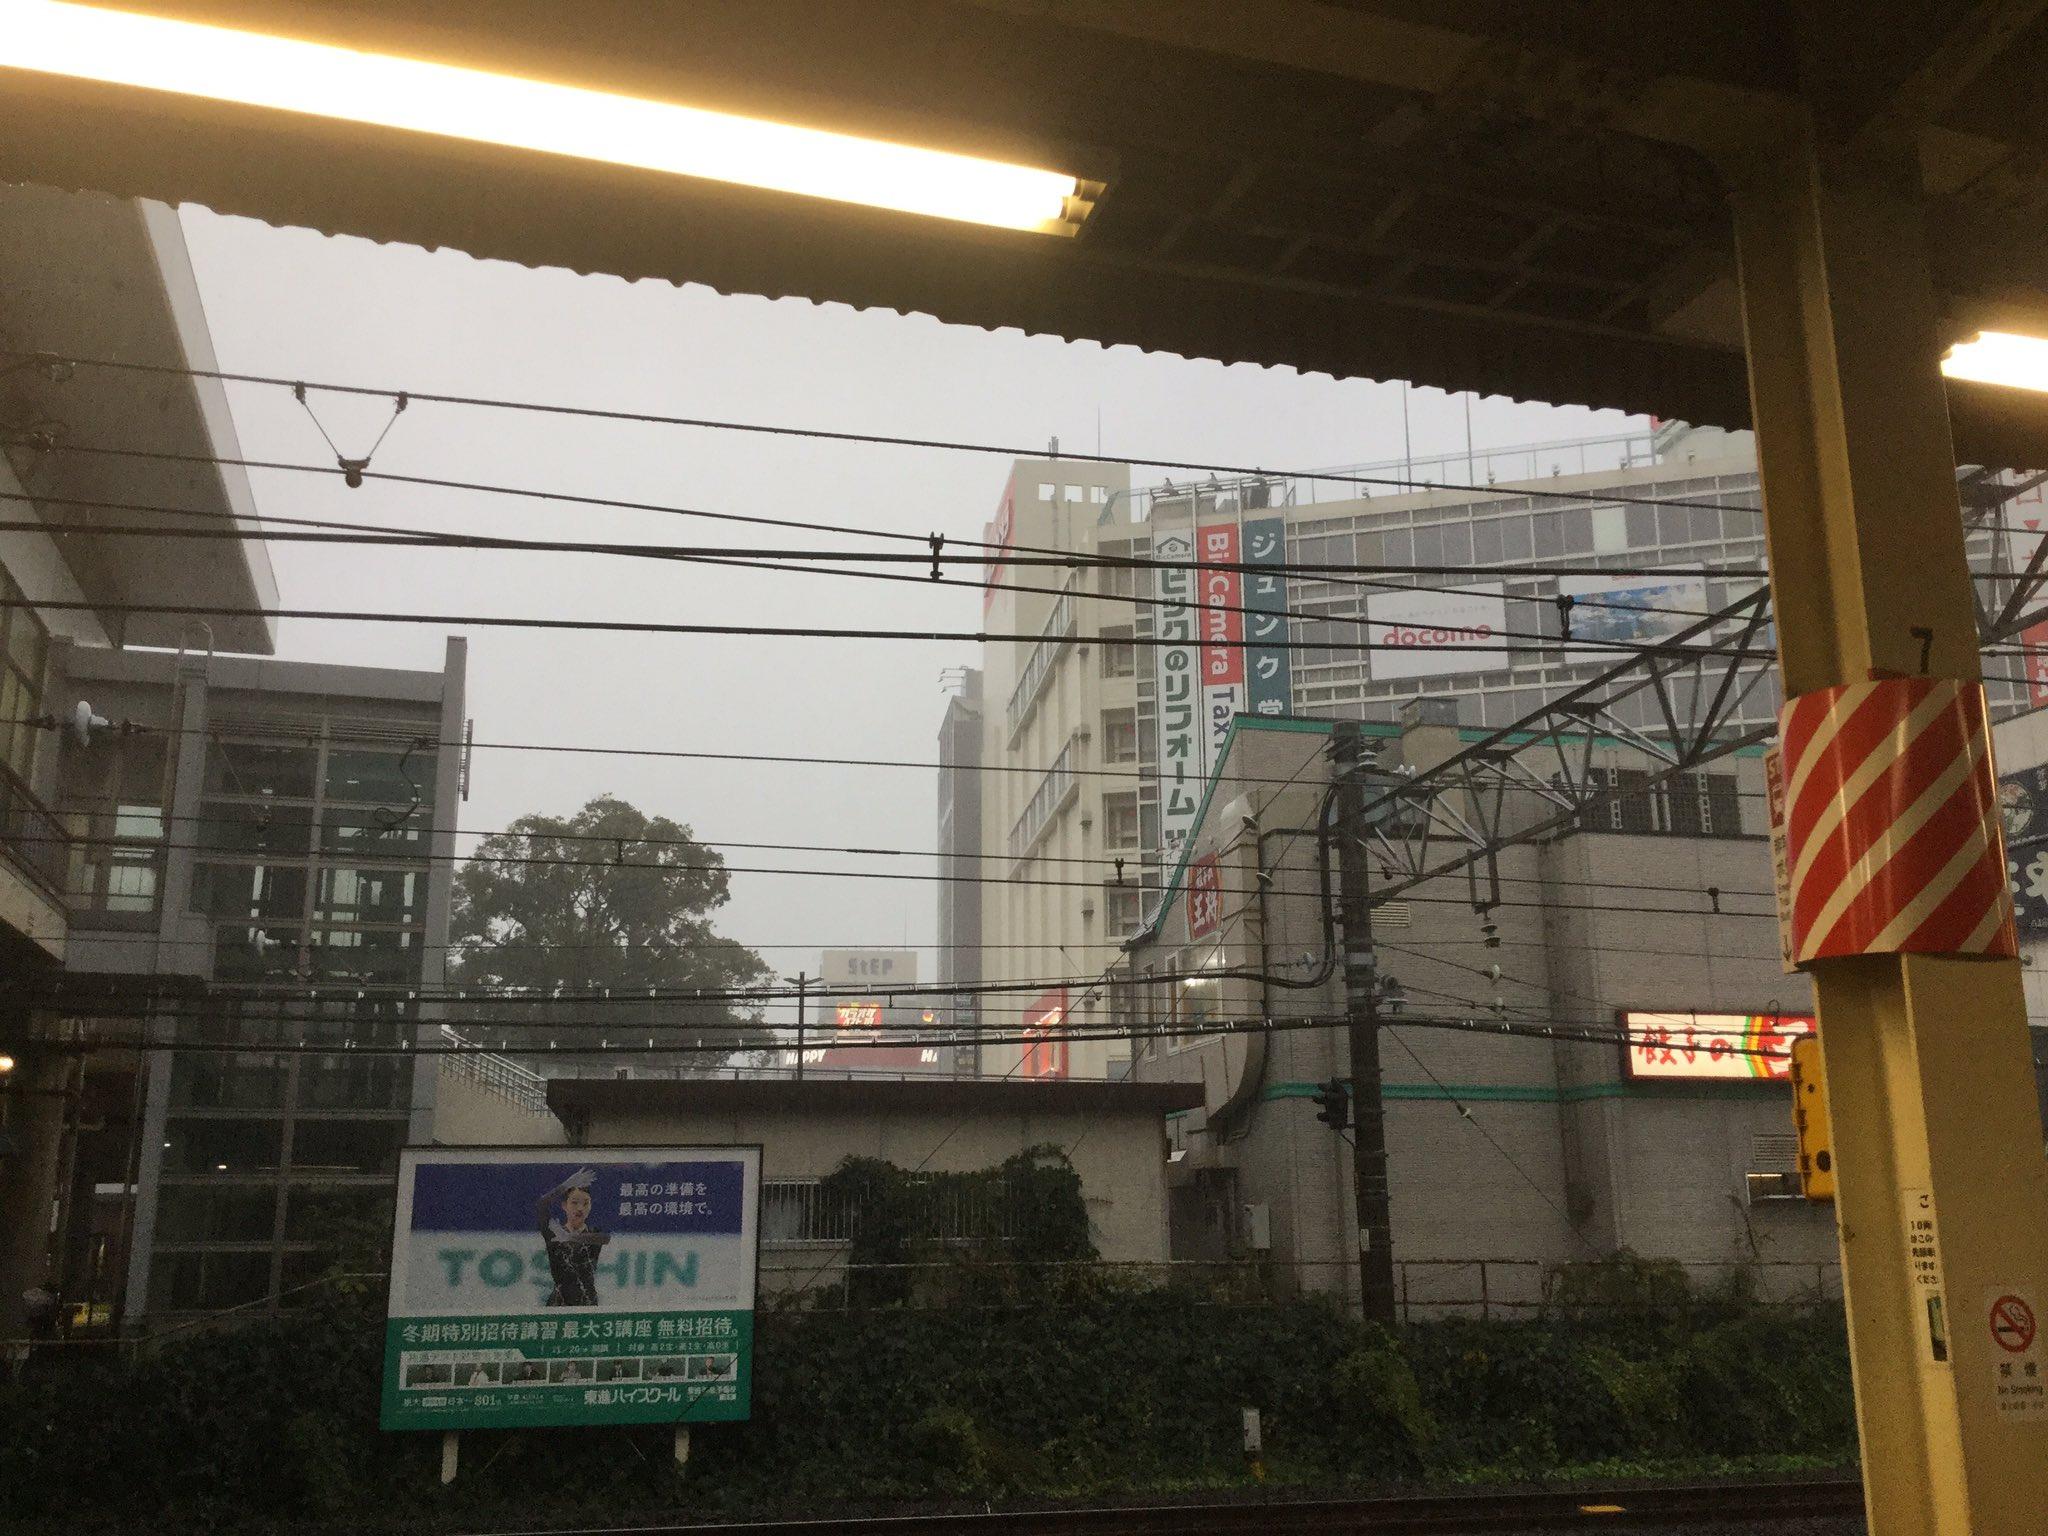 画像,藤沢着いたけど豪雨。 https://t.co/rsUxbQFOKl。